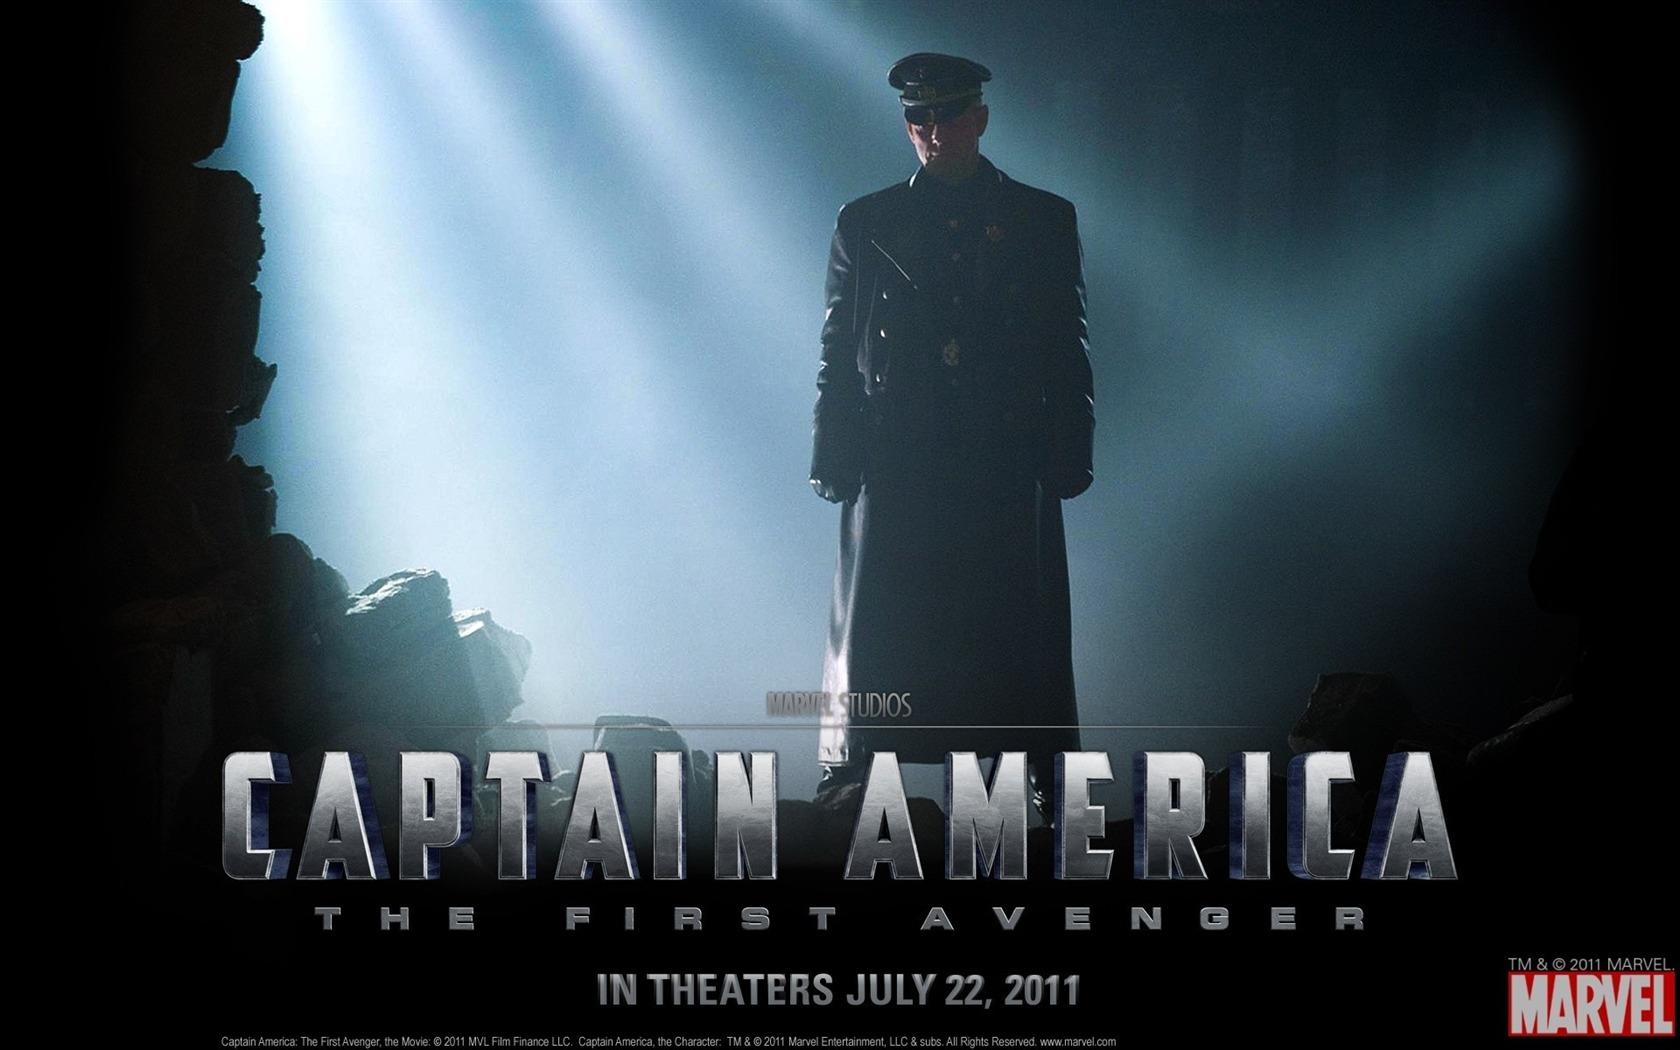 美国队长:第一复仇者 高清电影壁纸